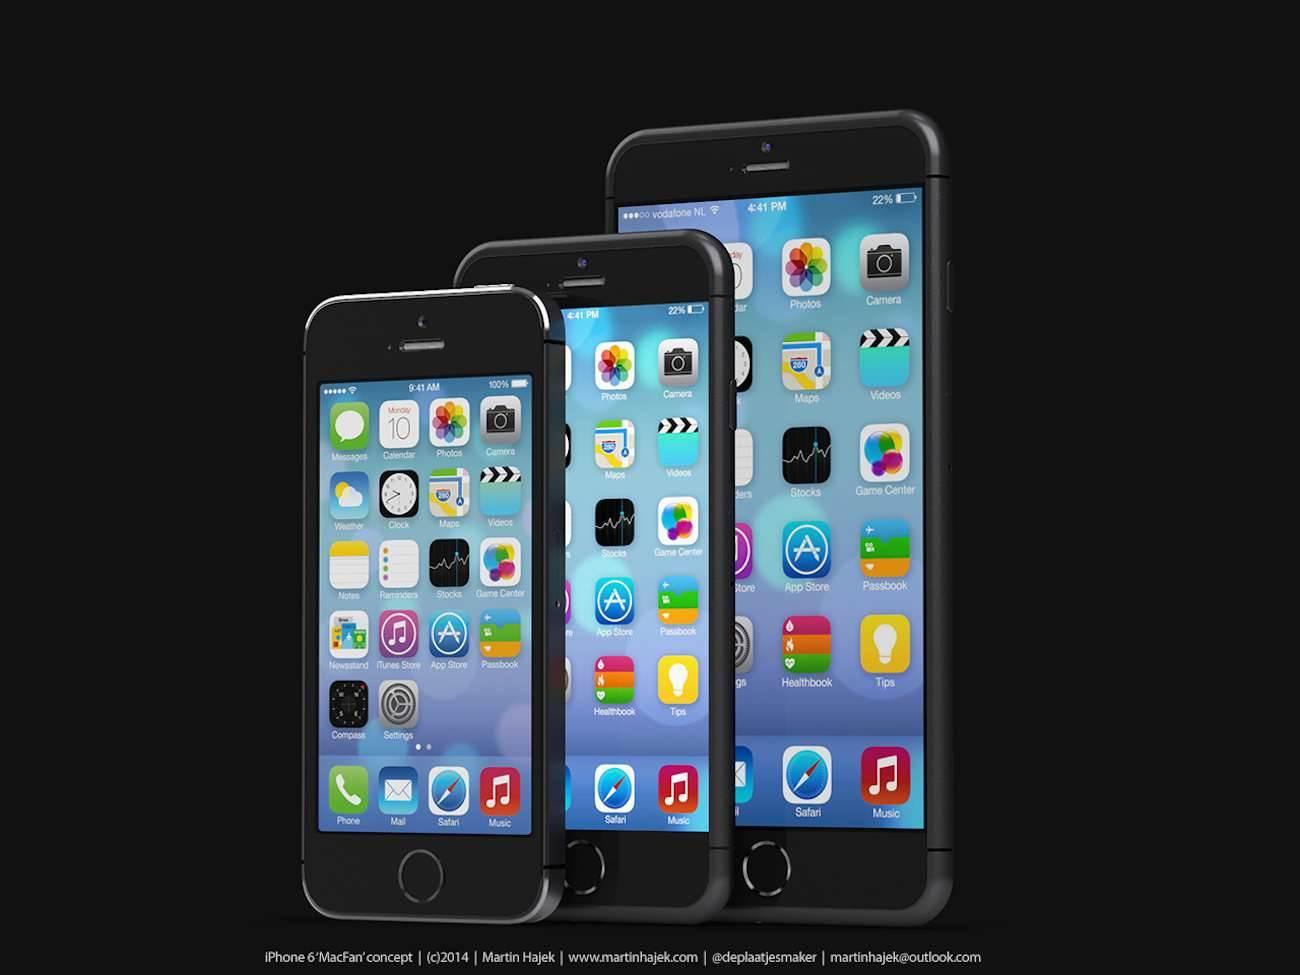 iPhone 6 i bardzo interesujący koncept Martina Hajek'a ciekawostki Zdjęcia iPhone 6, Wizja, Nowy iPhone 6, koncept, jak będzie wyglądał nowy iPhone 6, iPhone6, iPhone Air, iPhone 6, iPhone, Apple  Pamiętacie jak kilka dni temu umieściliśmy na stronie zdjęcia rzekomej obudowy nowego iPhone'a 6? iP63